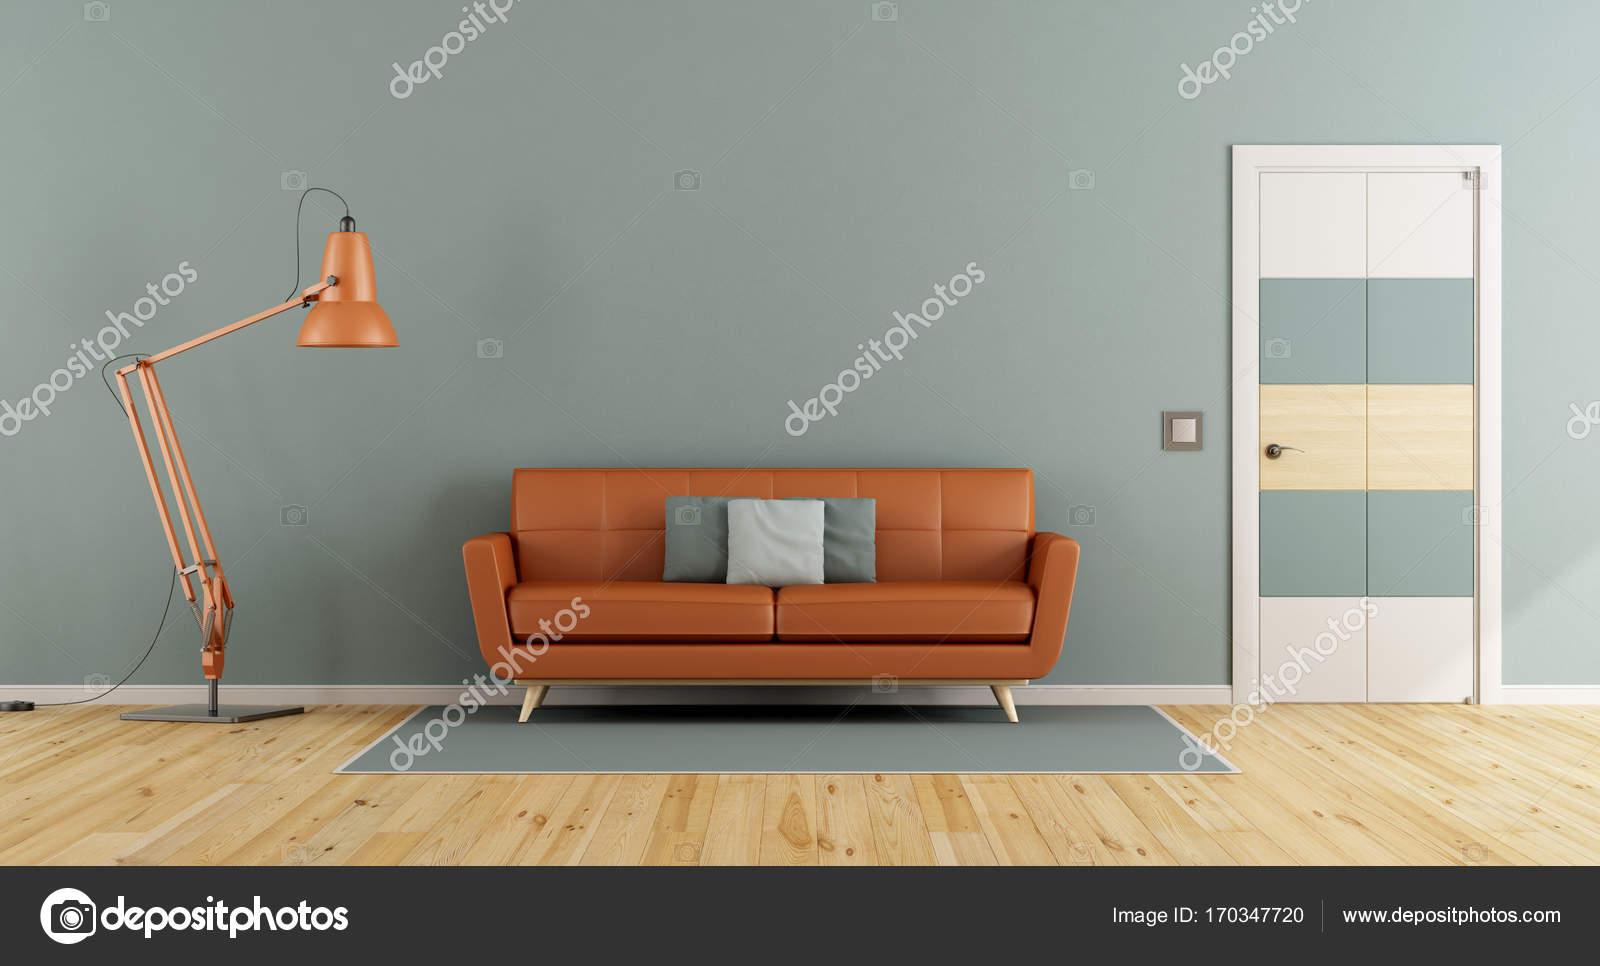 Blauen Wohnzimmer Mit Orange Sofa Stockfoto C Archideaphoto 170347720